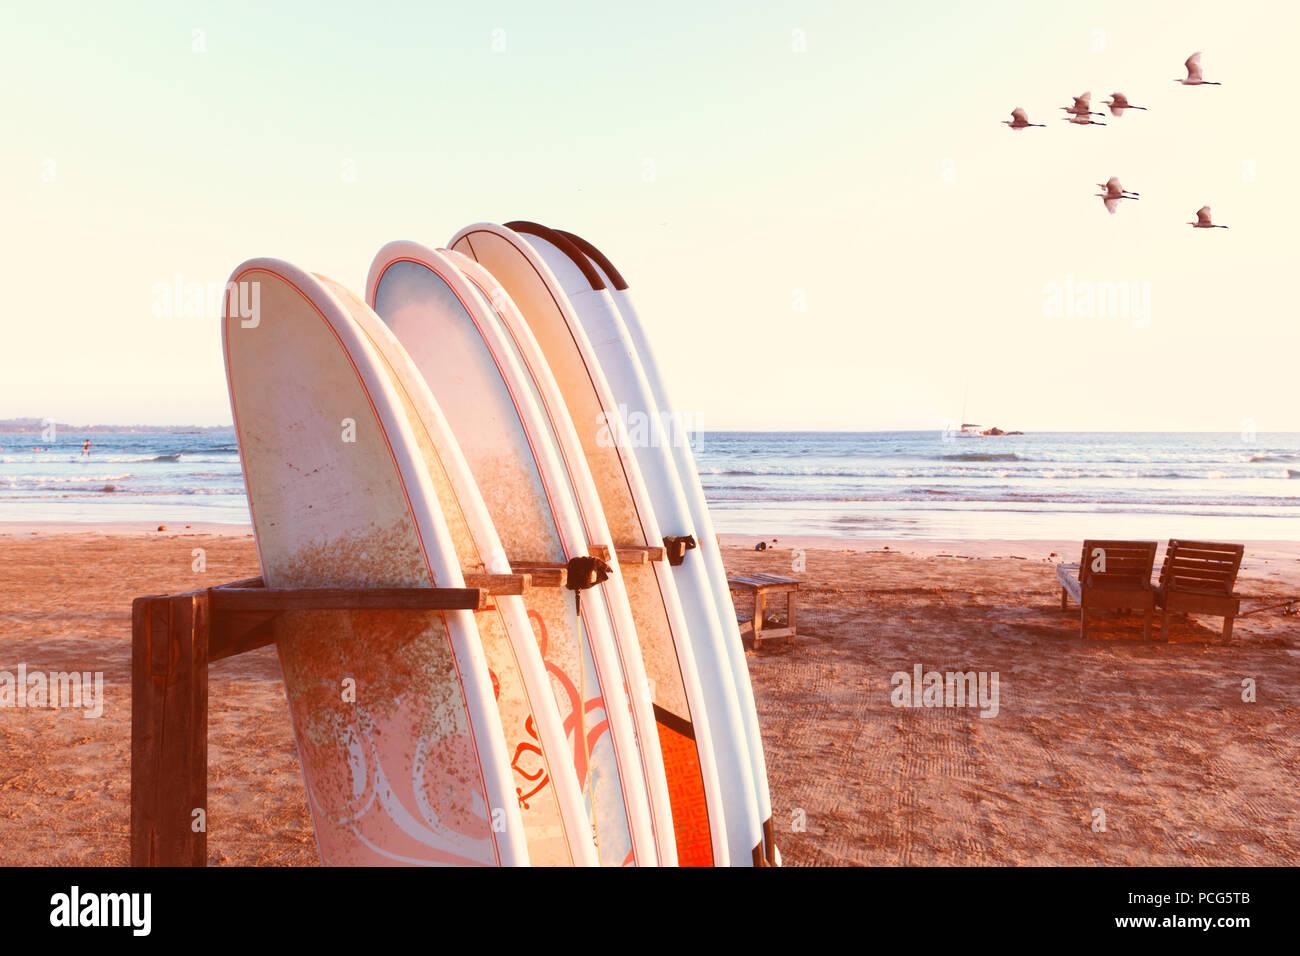 urlaub ferien hintergrundbild reihe von surfbrettern zwei liegest hle am strand konzept der. Black Bedroom Furniture Sets. Home Design Ideas